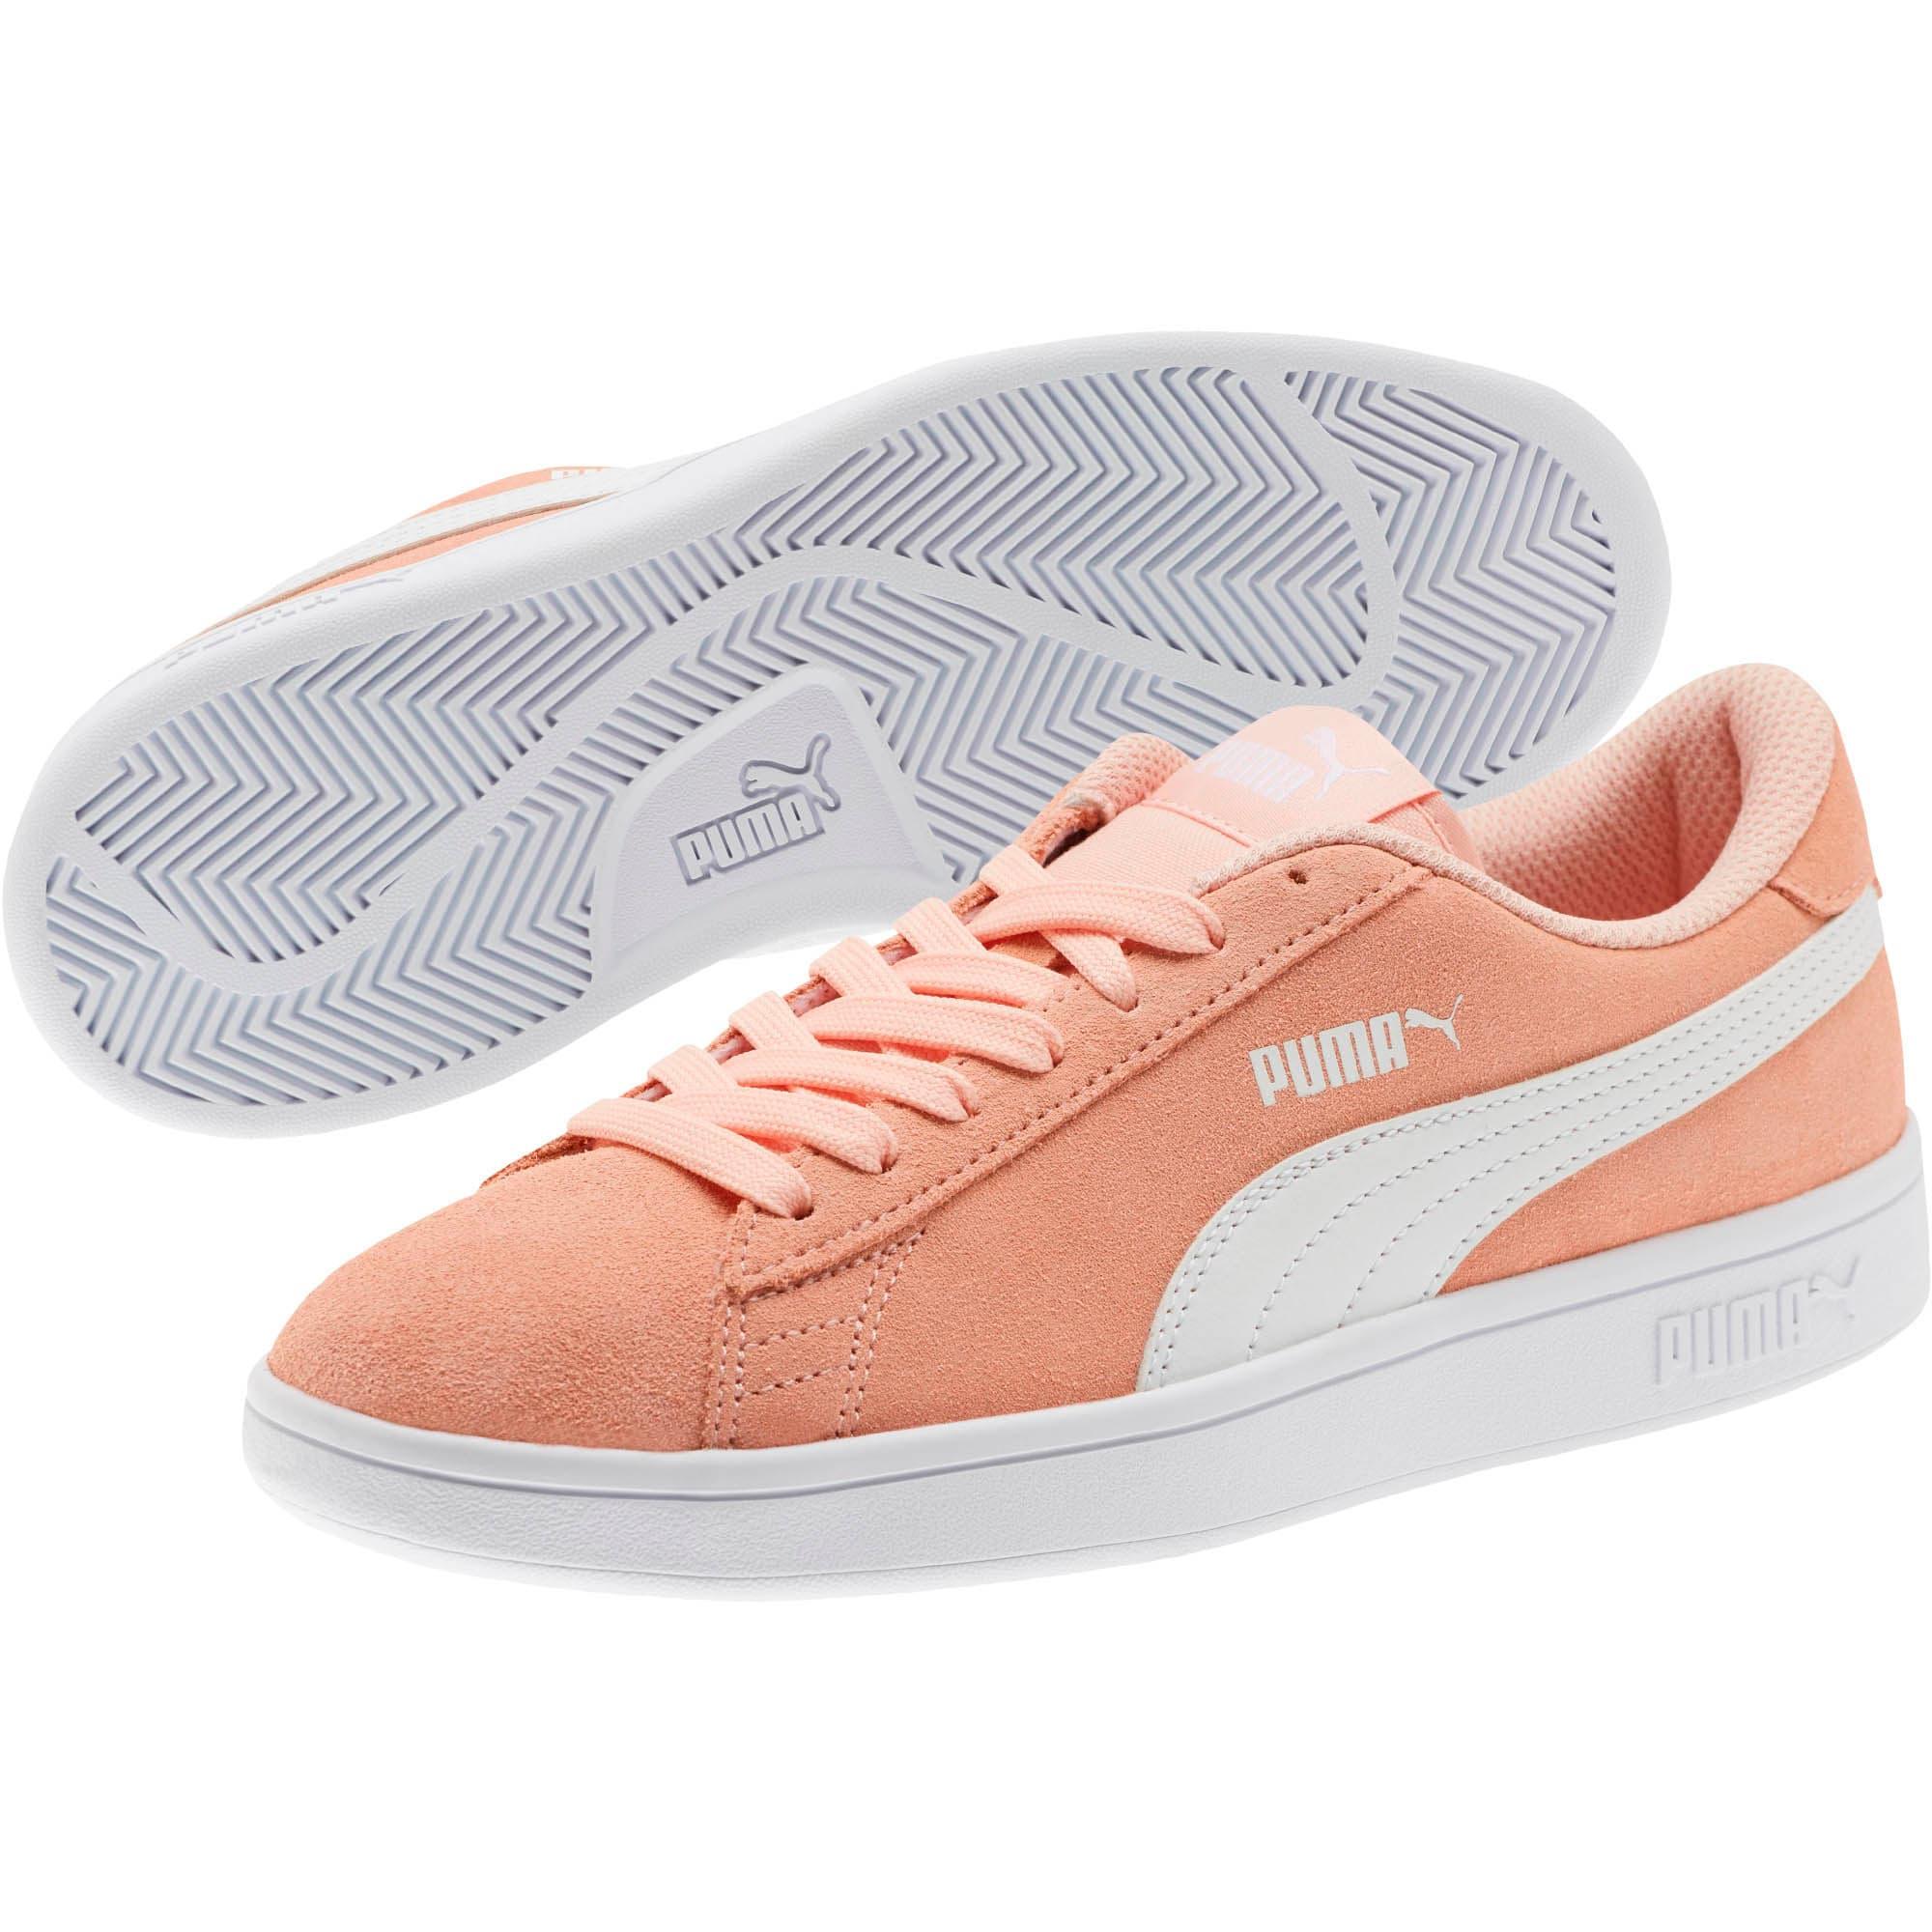 Thumbnail 2 of Smash v2 Suede Sneakers JR, Peach Bud-Puma White, medium